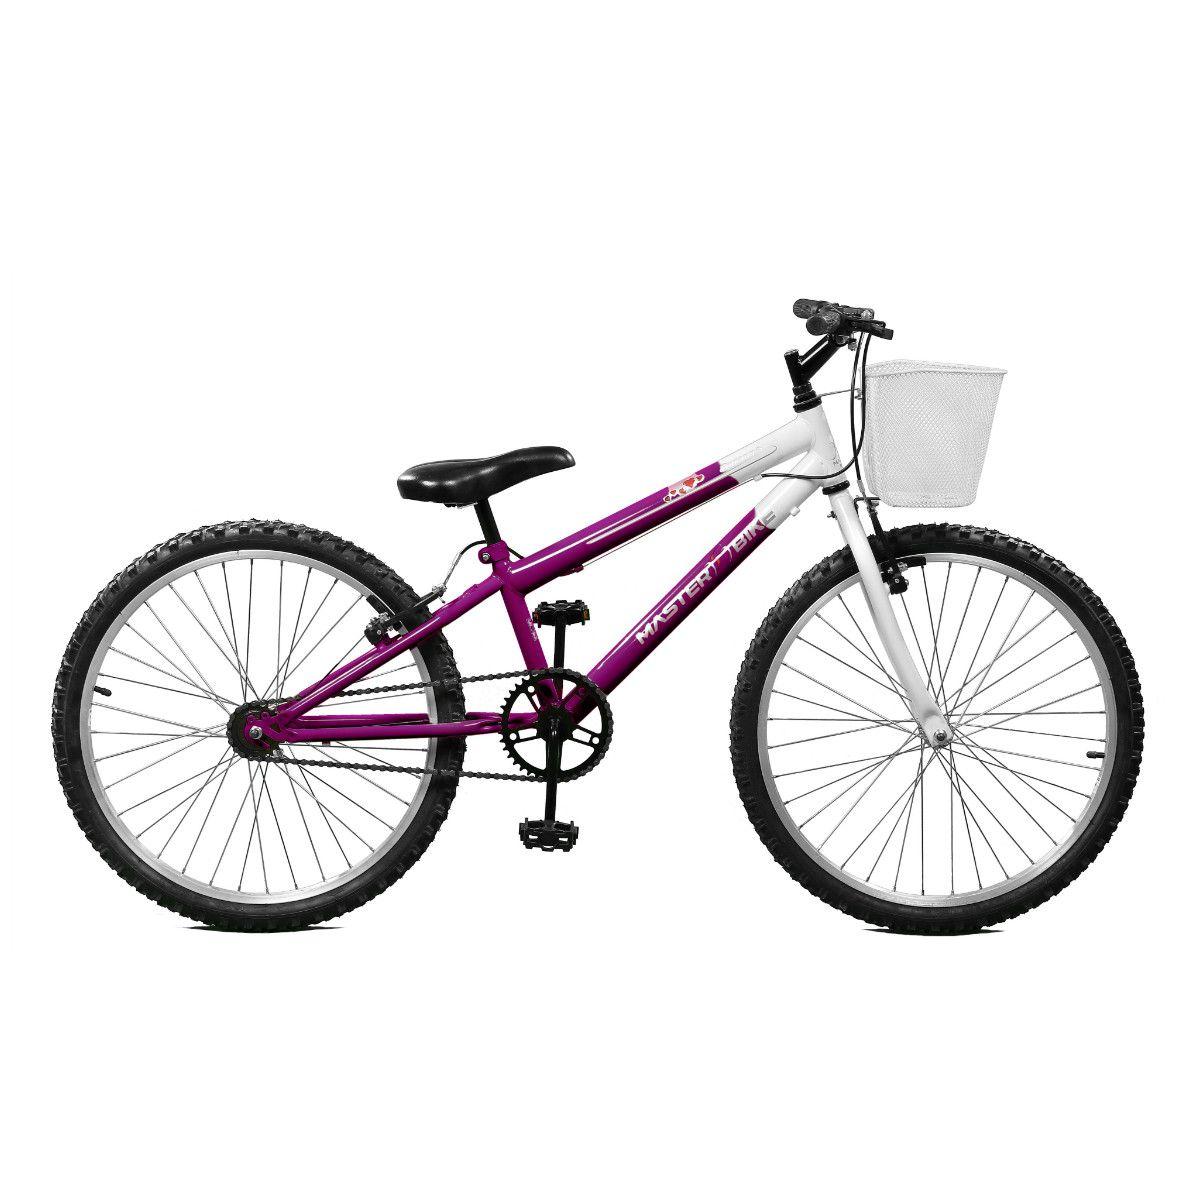 Bicicleta Master Bike Aro 24 Serena Freio V-Brake Violeta/Branco